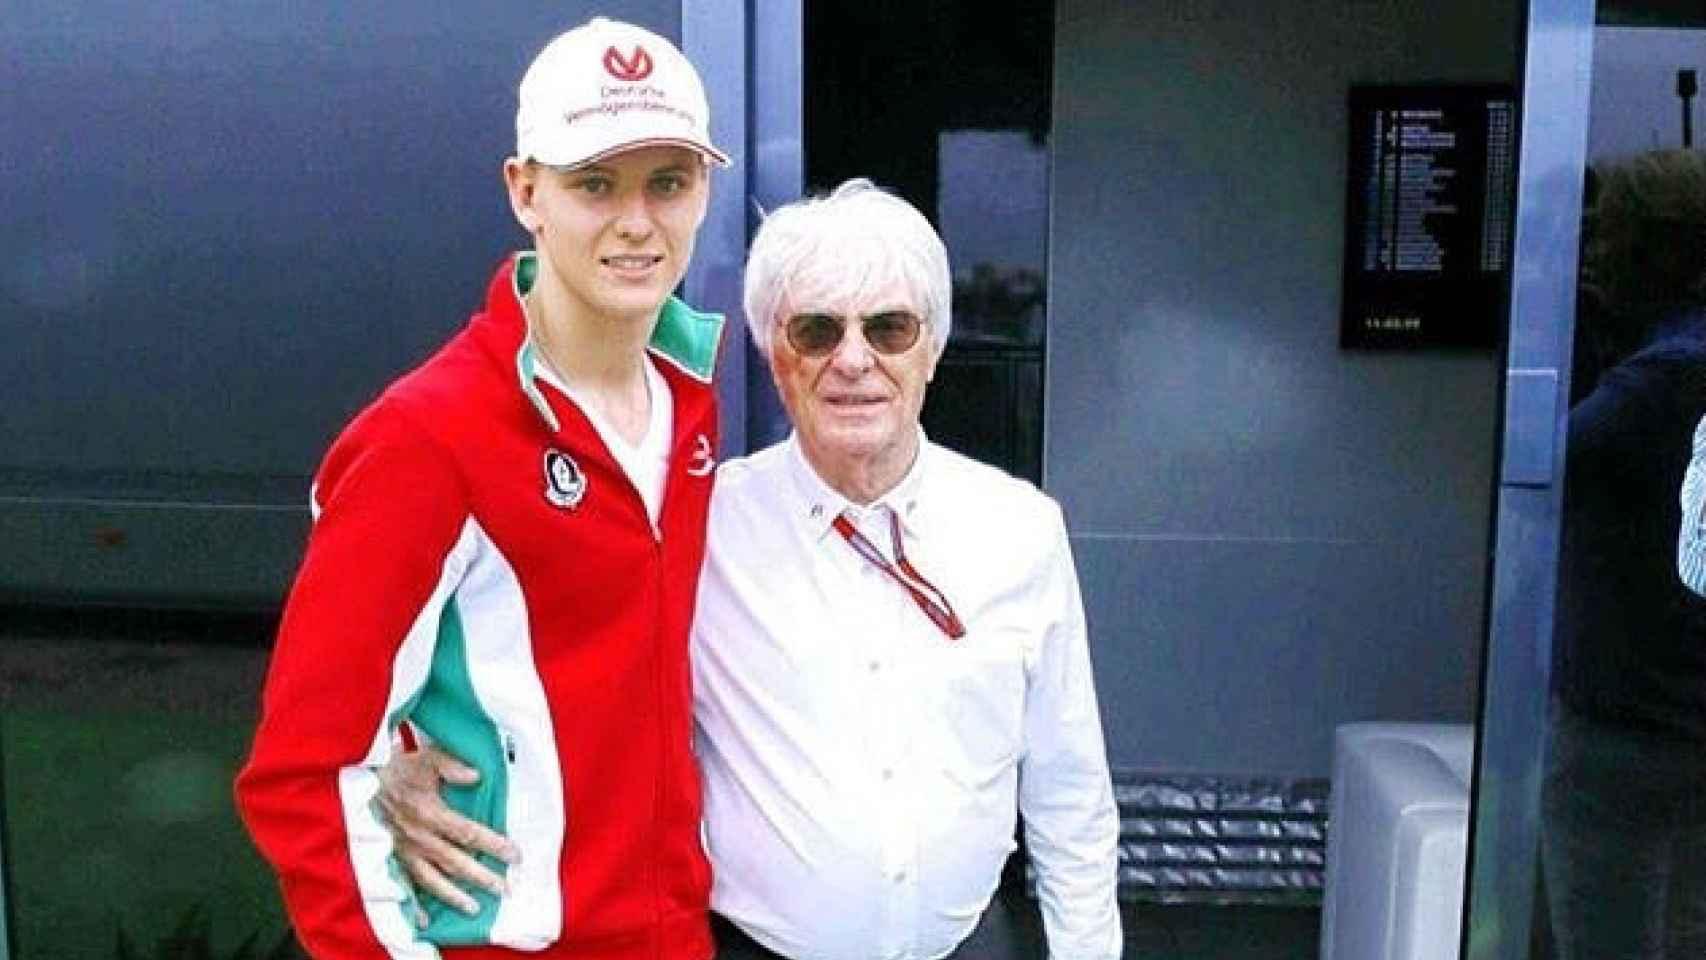 El joven Mick Schumacher con Bernie Ecclestone, patrón de la Fórmula 1